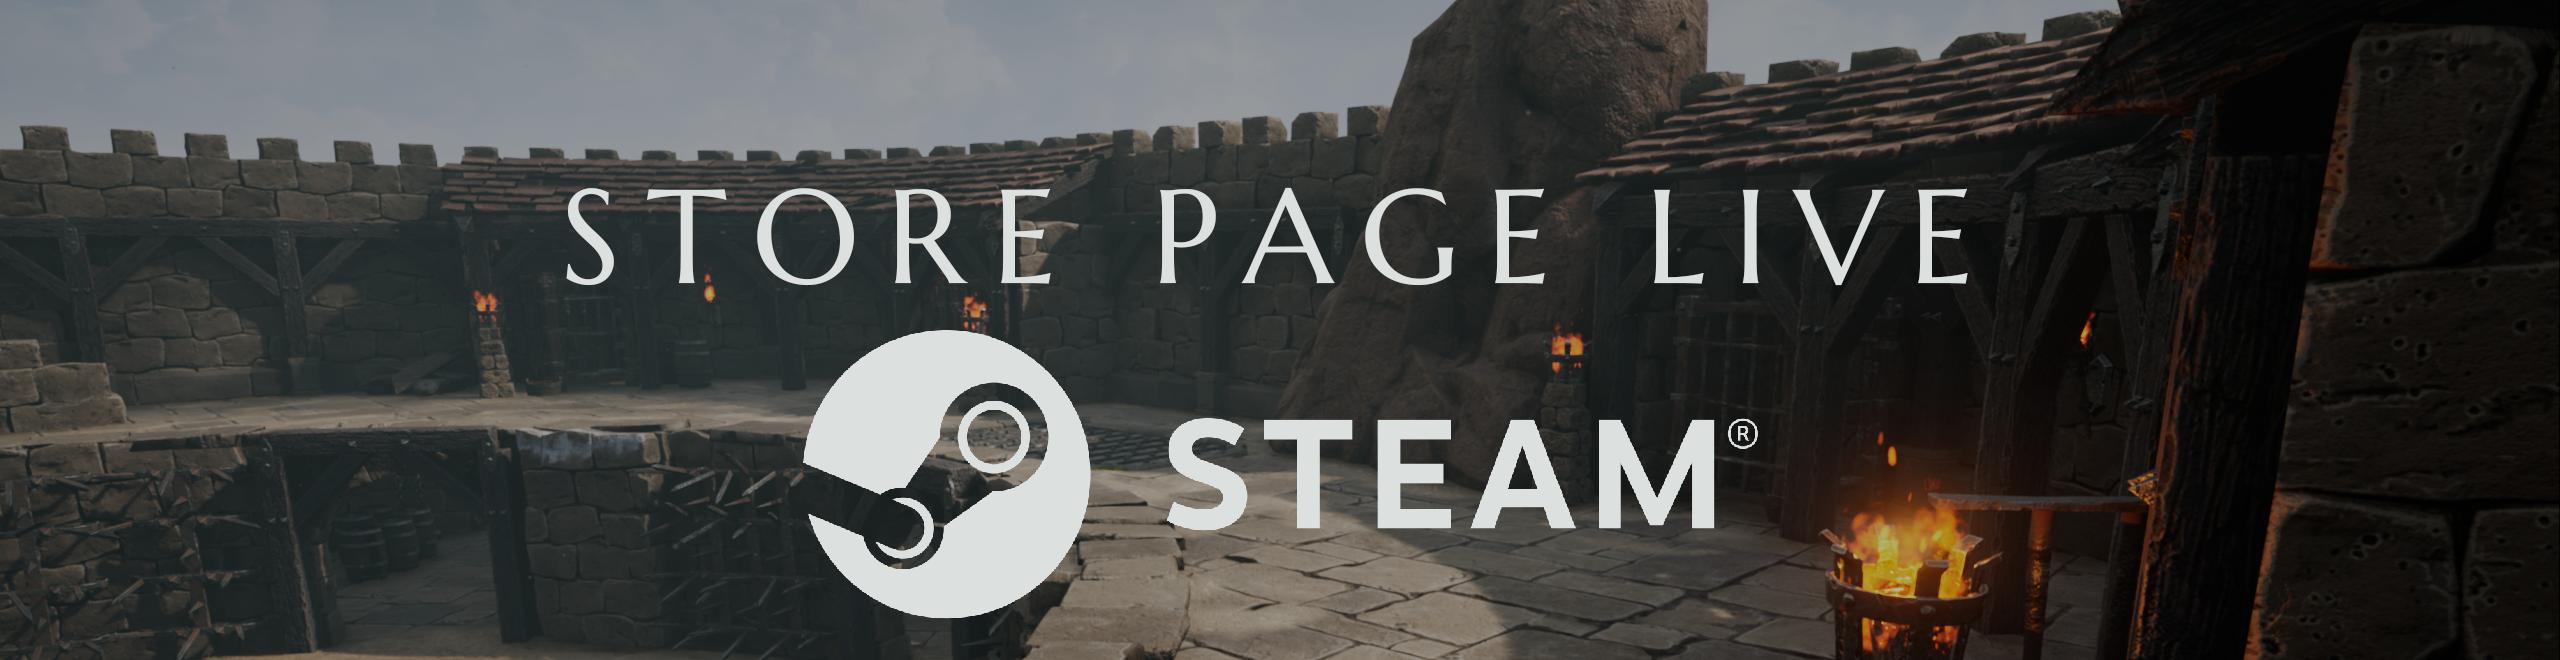 SteamStorePageLive